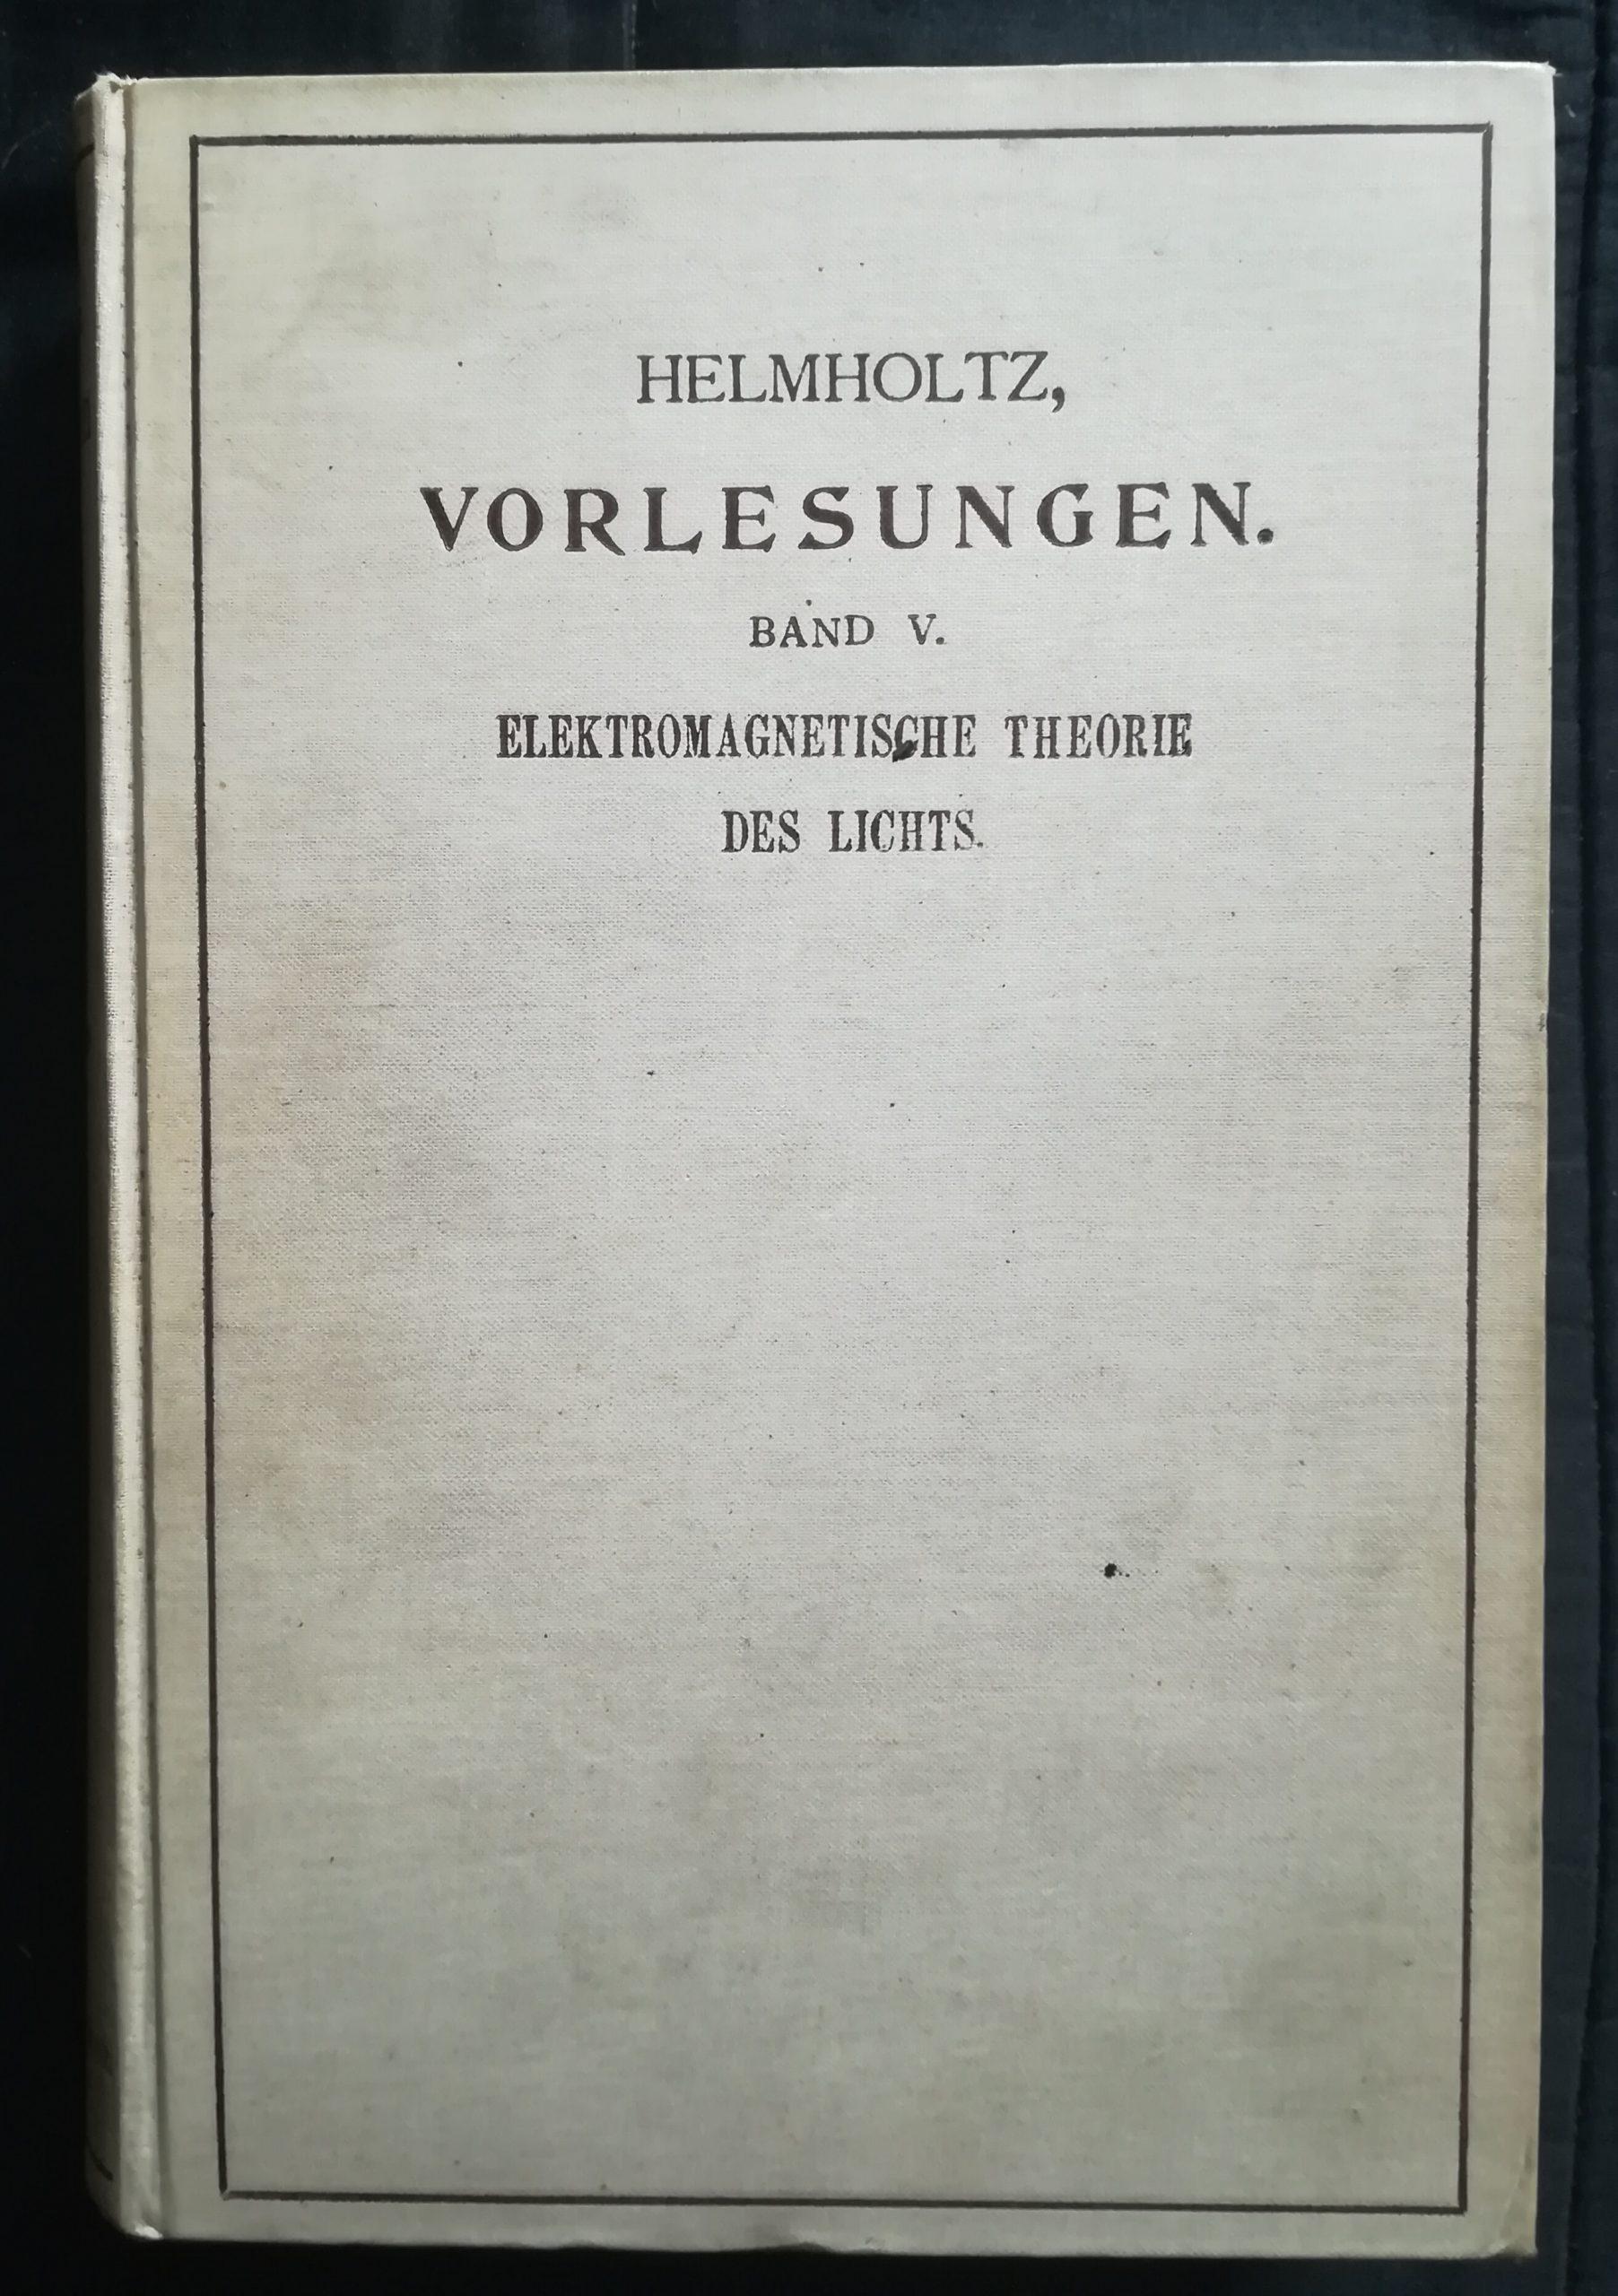 VON HELMHOLTZ, Hermann